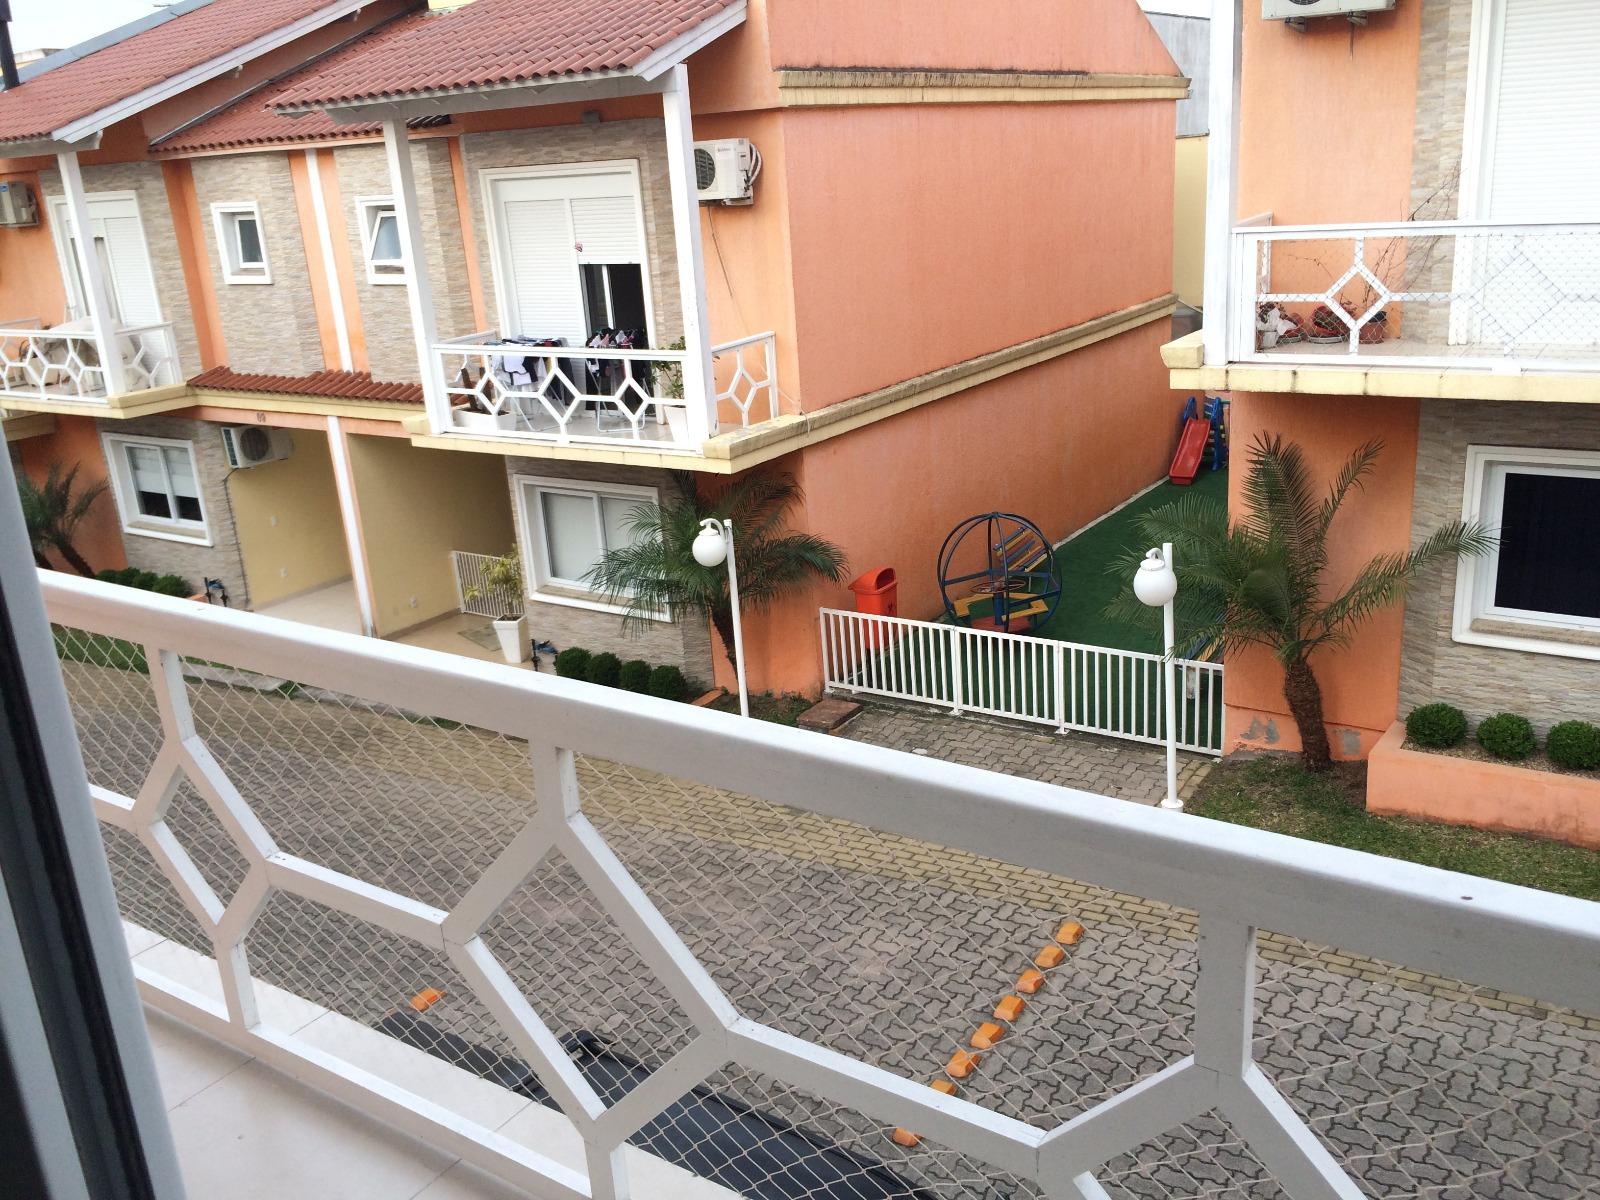 Imóvel: Bela Vista - Casa 3 Dorm, Nossa Senhora das Graças, Canoas (BD3348)